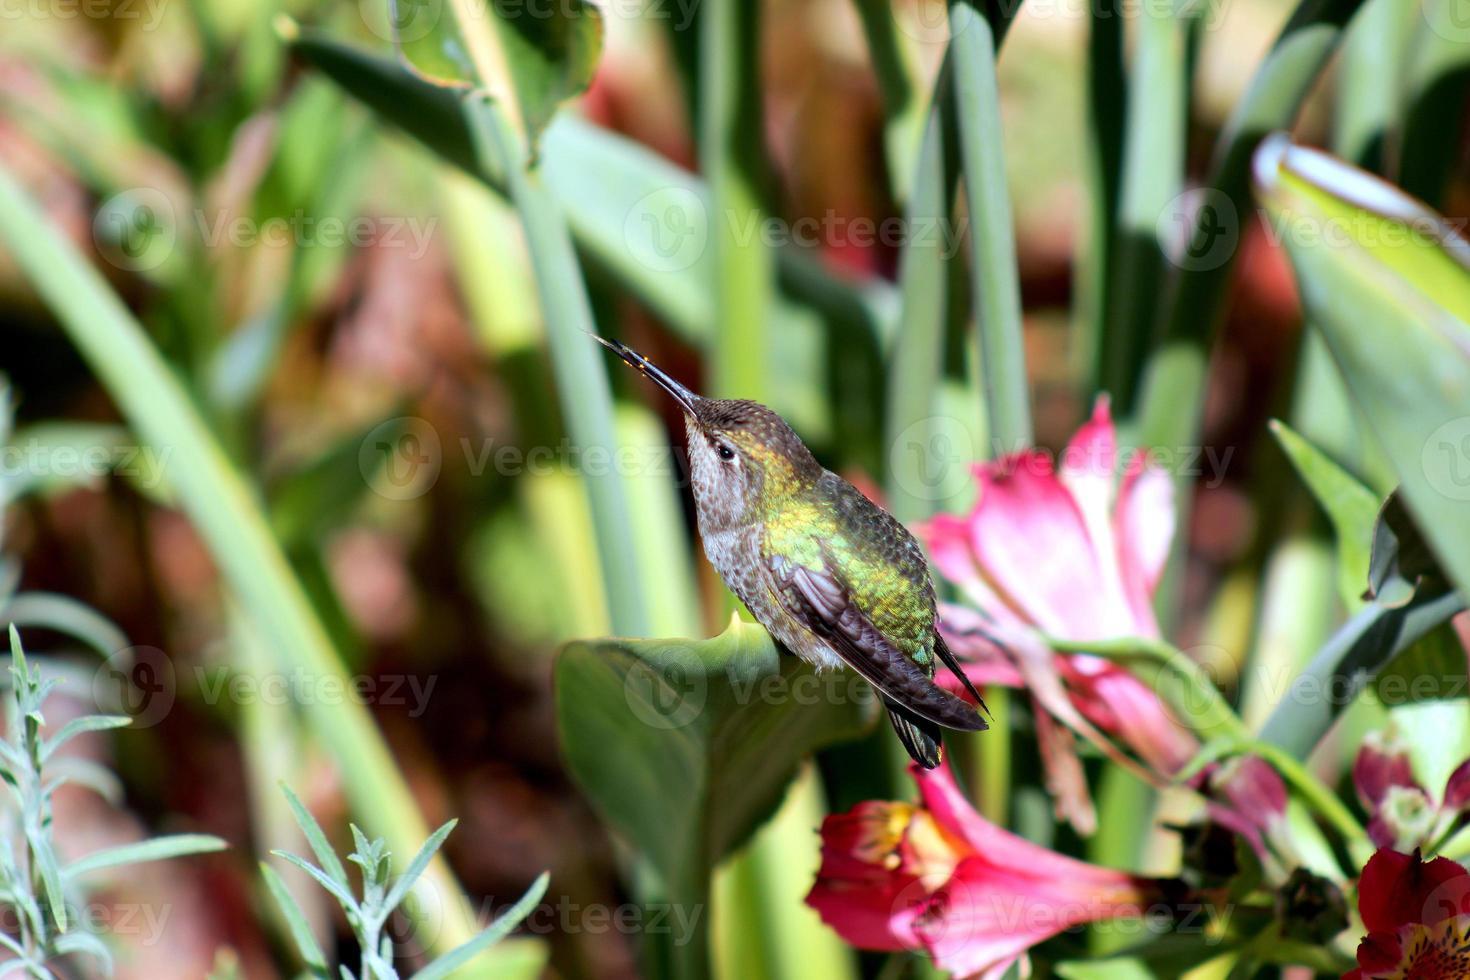 kolibrie met tong uitsteekt. foto